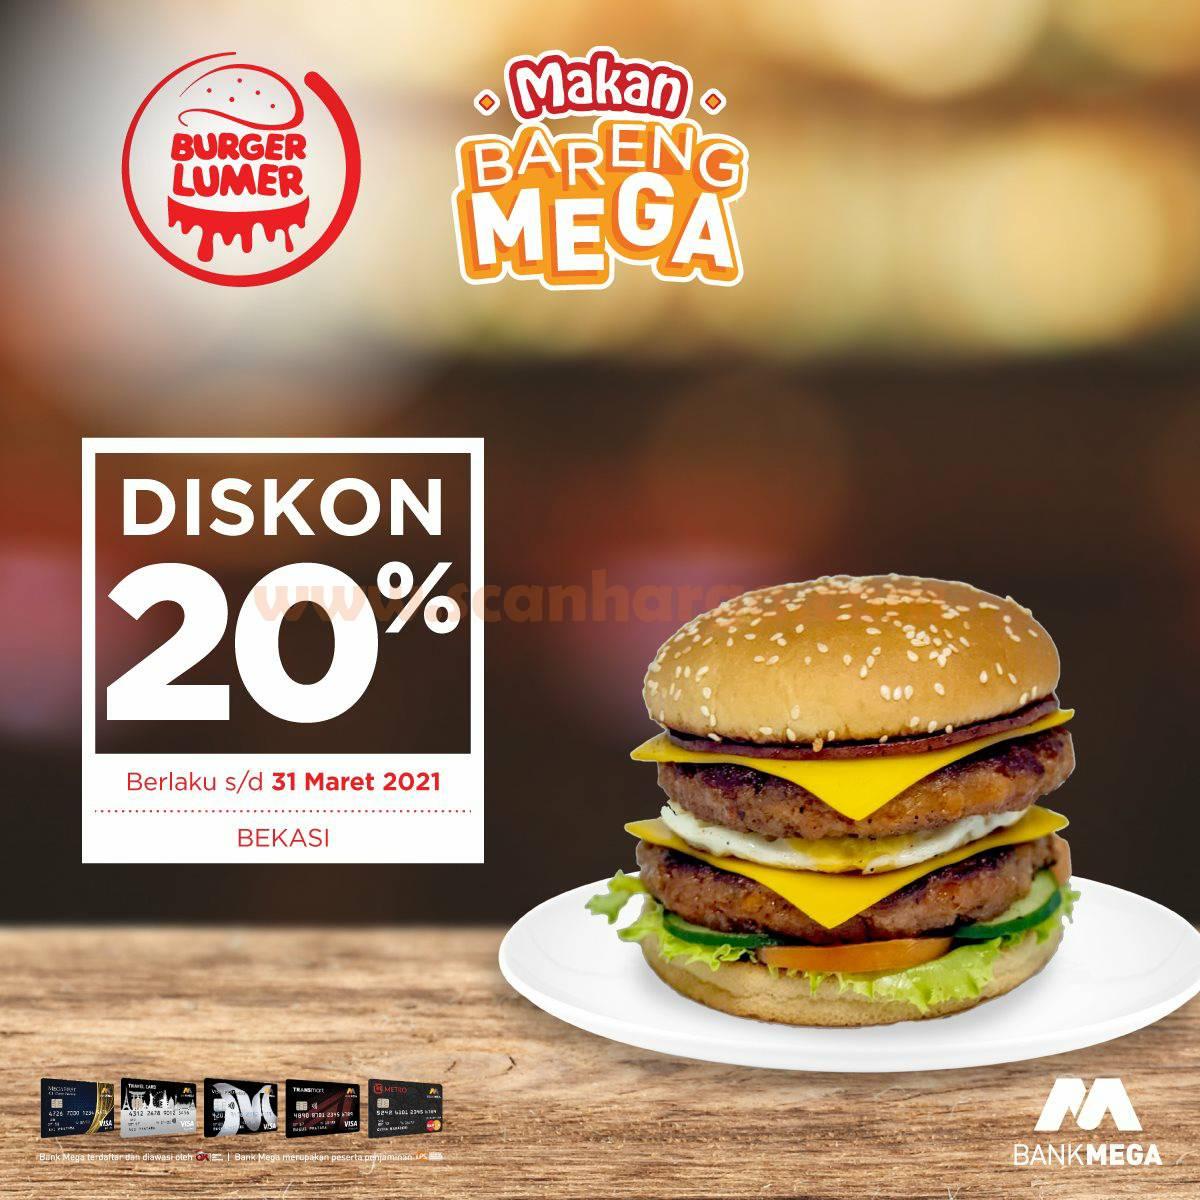 Promo Burger Lumer Bekasi Diskon 20% dengan Kartu Kredit Bank MEGA